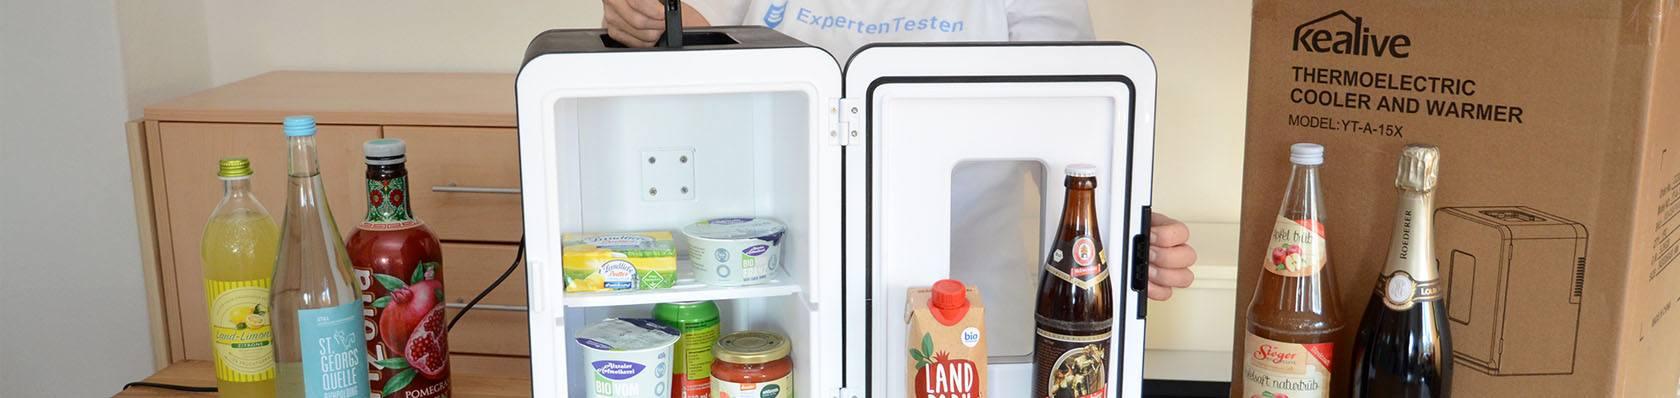 Minikühlschränke  im Test auf ExpertenTesten.de